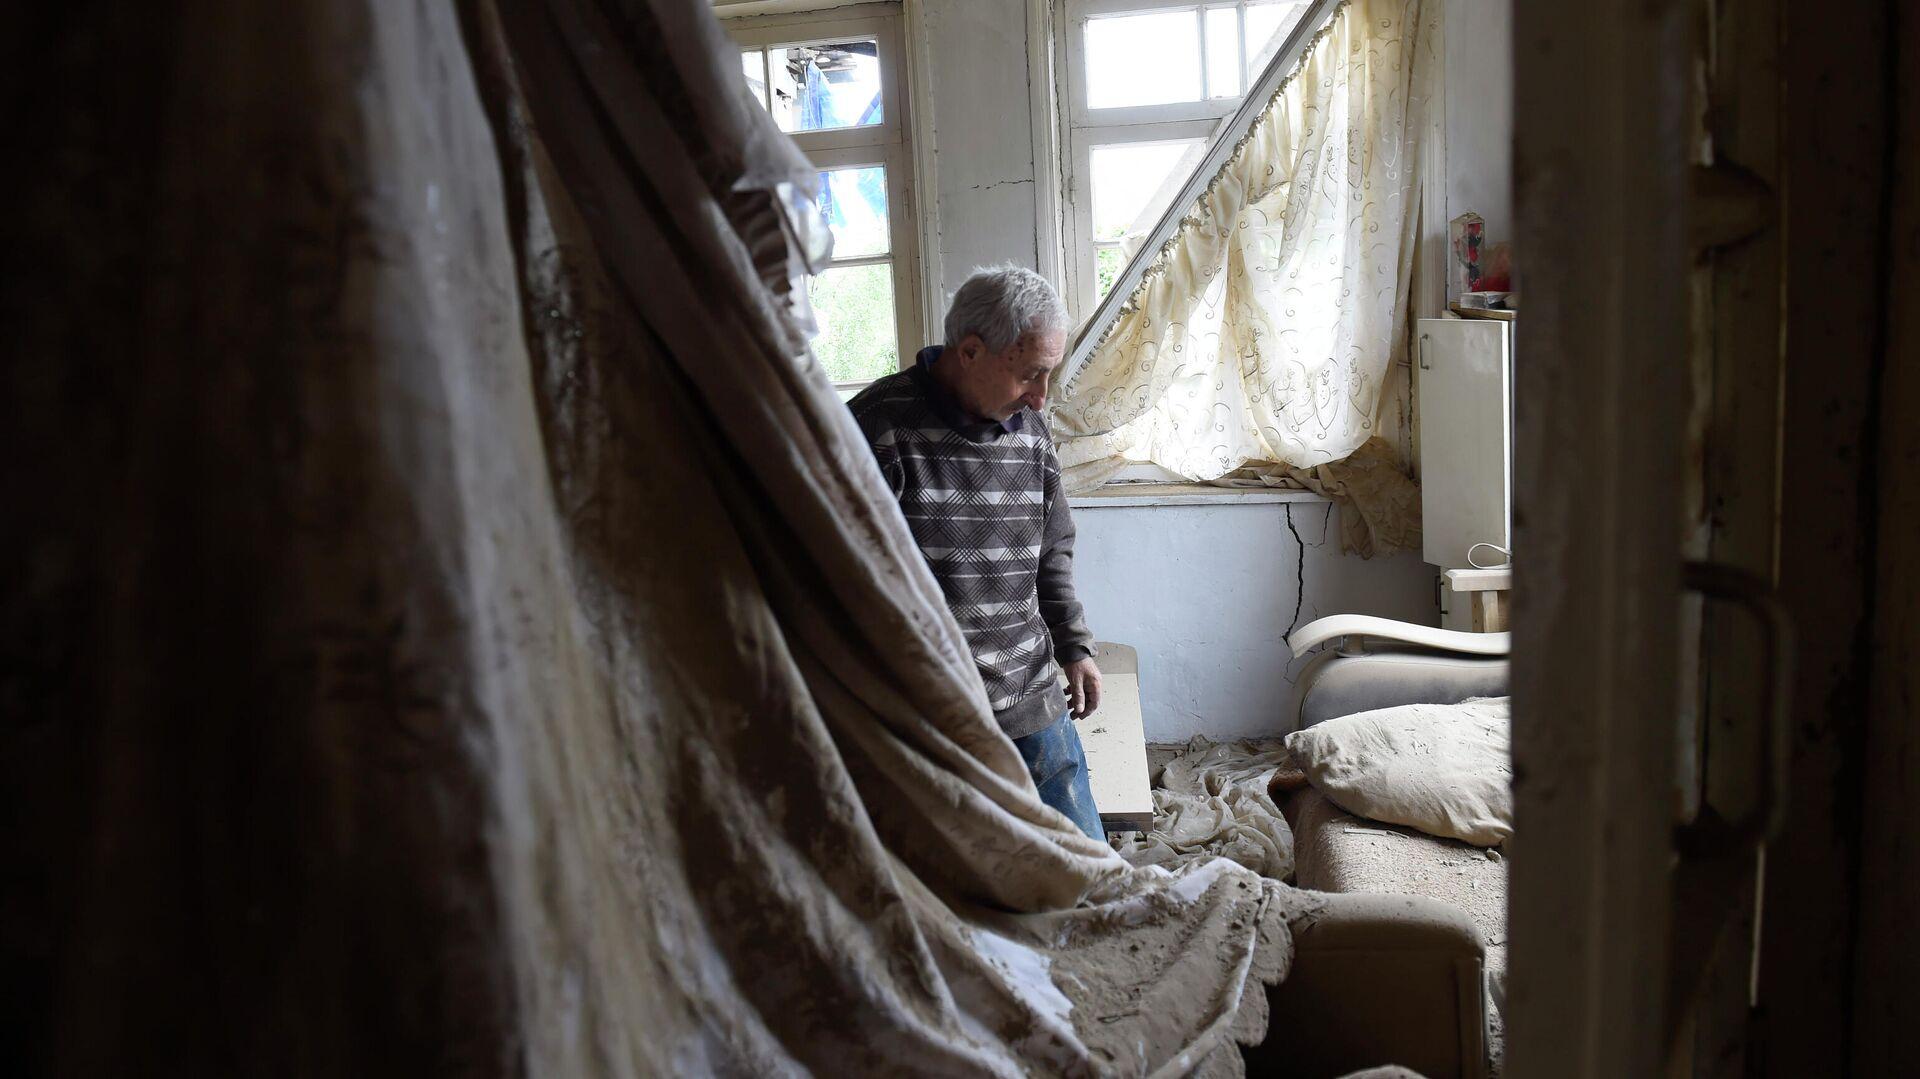 Местный житель показывает комнату пострадавшего после обстрелов дома в городе Мартуни непризнанной Нагорно-Карабахской Республики  - РИА Новости, 1920, 29.09.2020